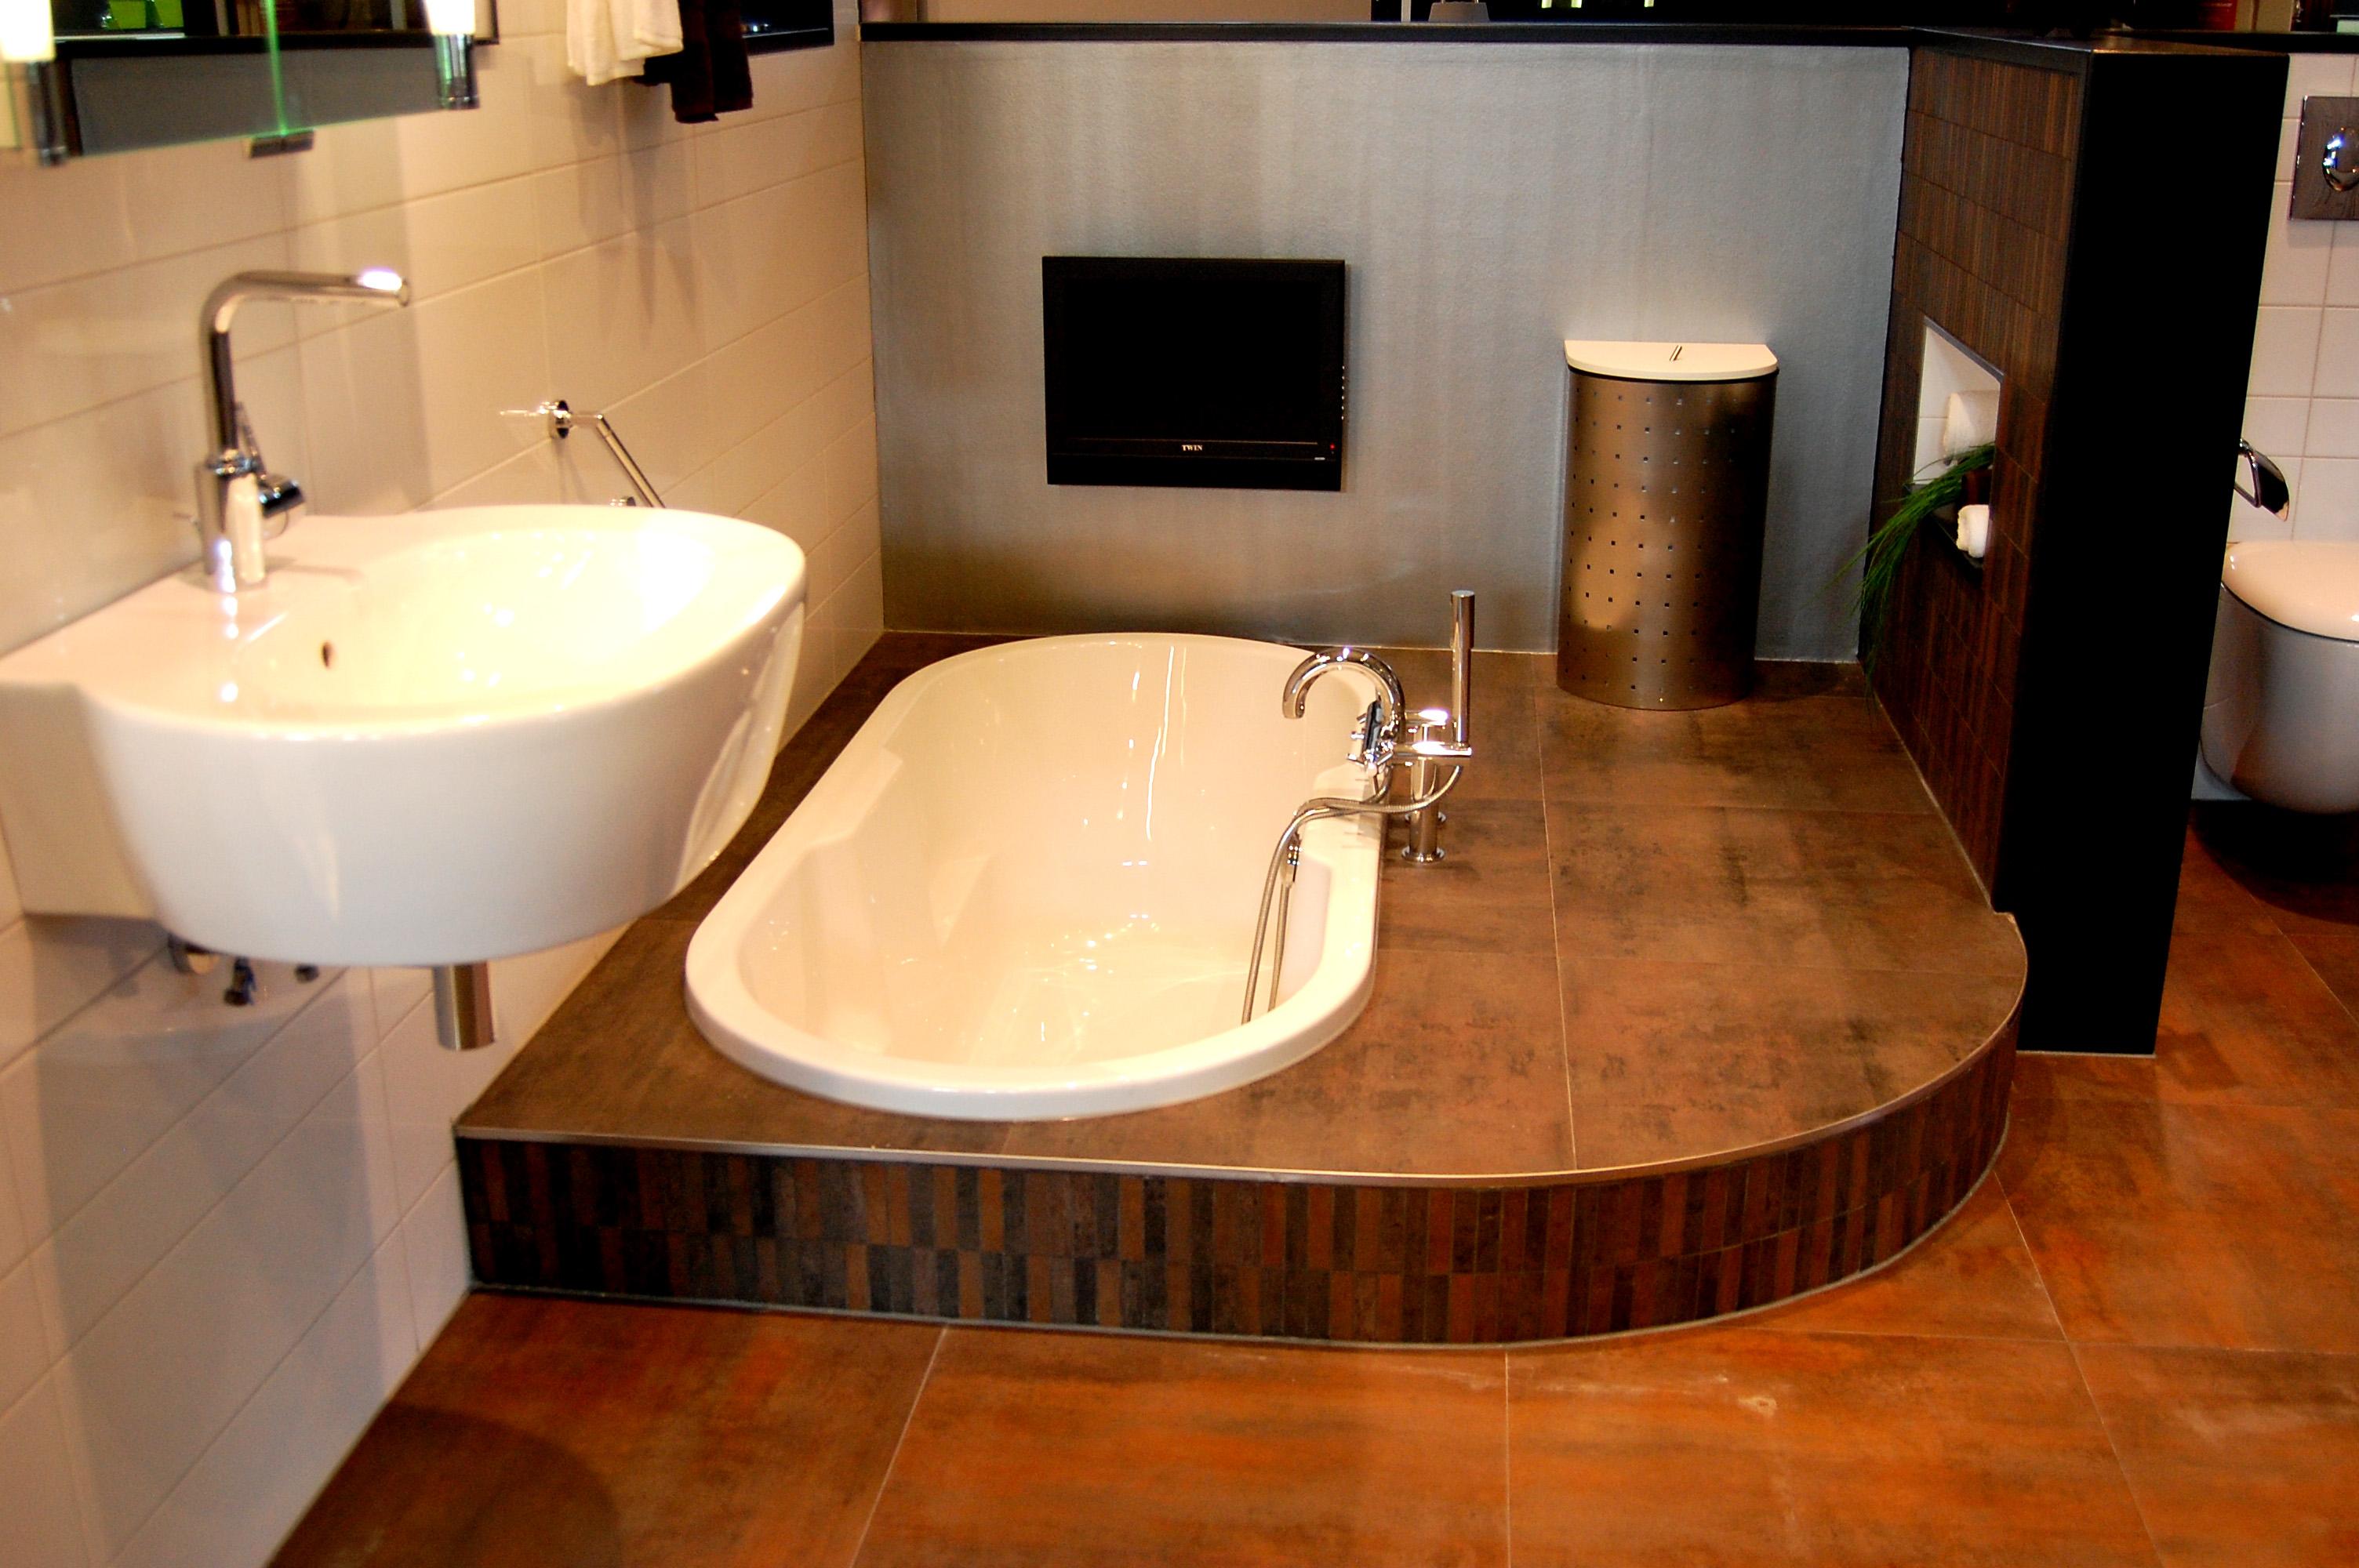 Wd badkamer specialist tilburg kiezen voor kwaliteit for Badkamer specialist